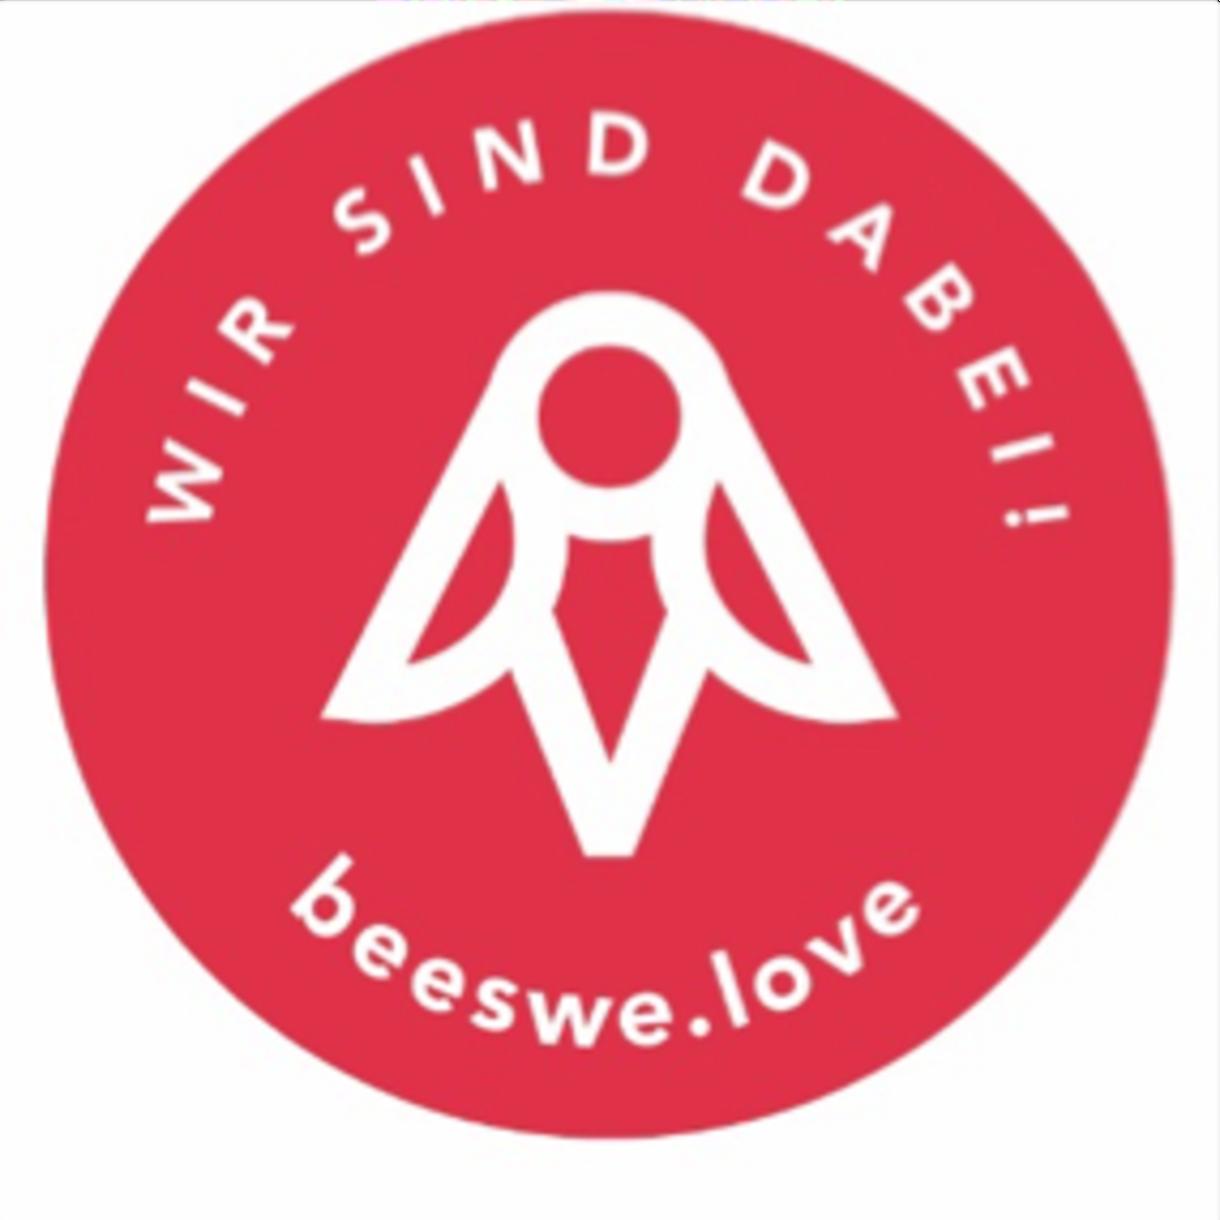 Gemeinsam Fur Mehr Bienenschutz Ortel Mobile Ortel Connect